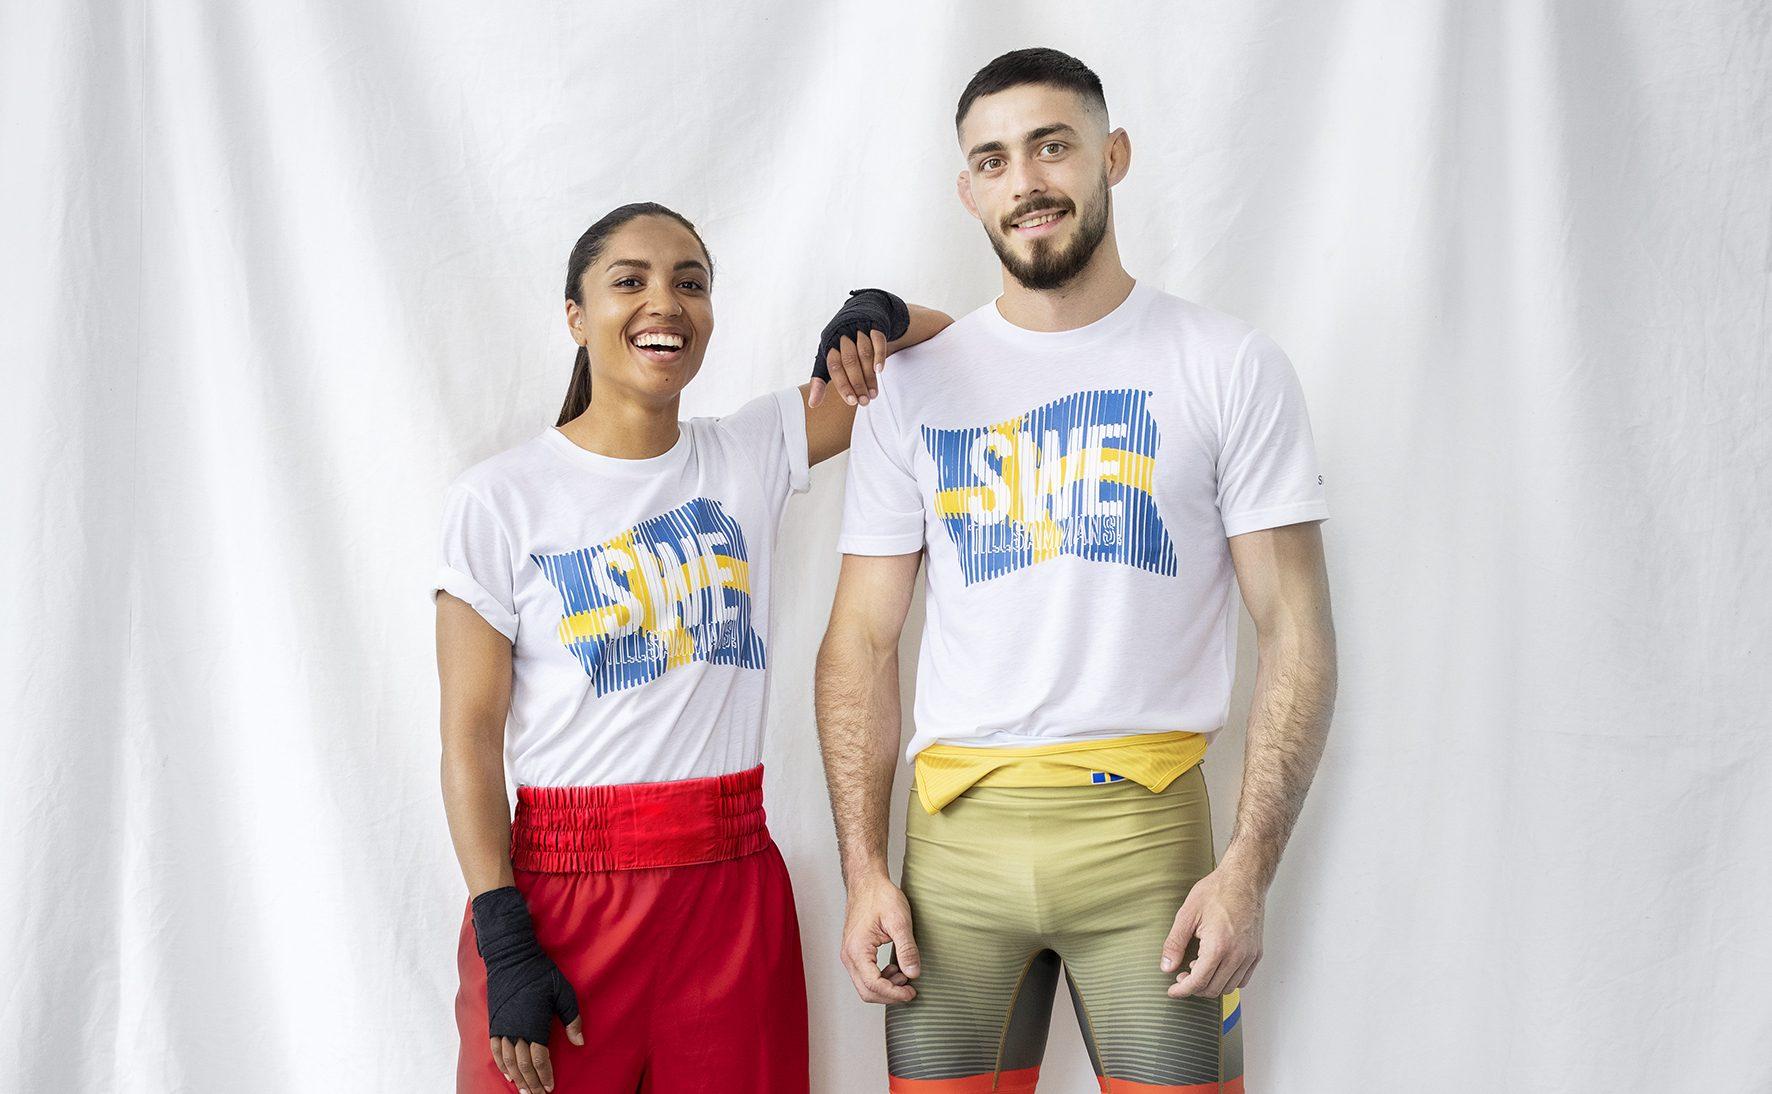 Uniqlo Team Sweden